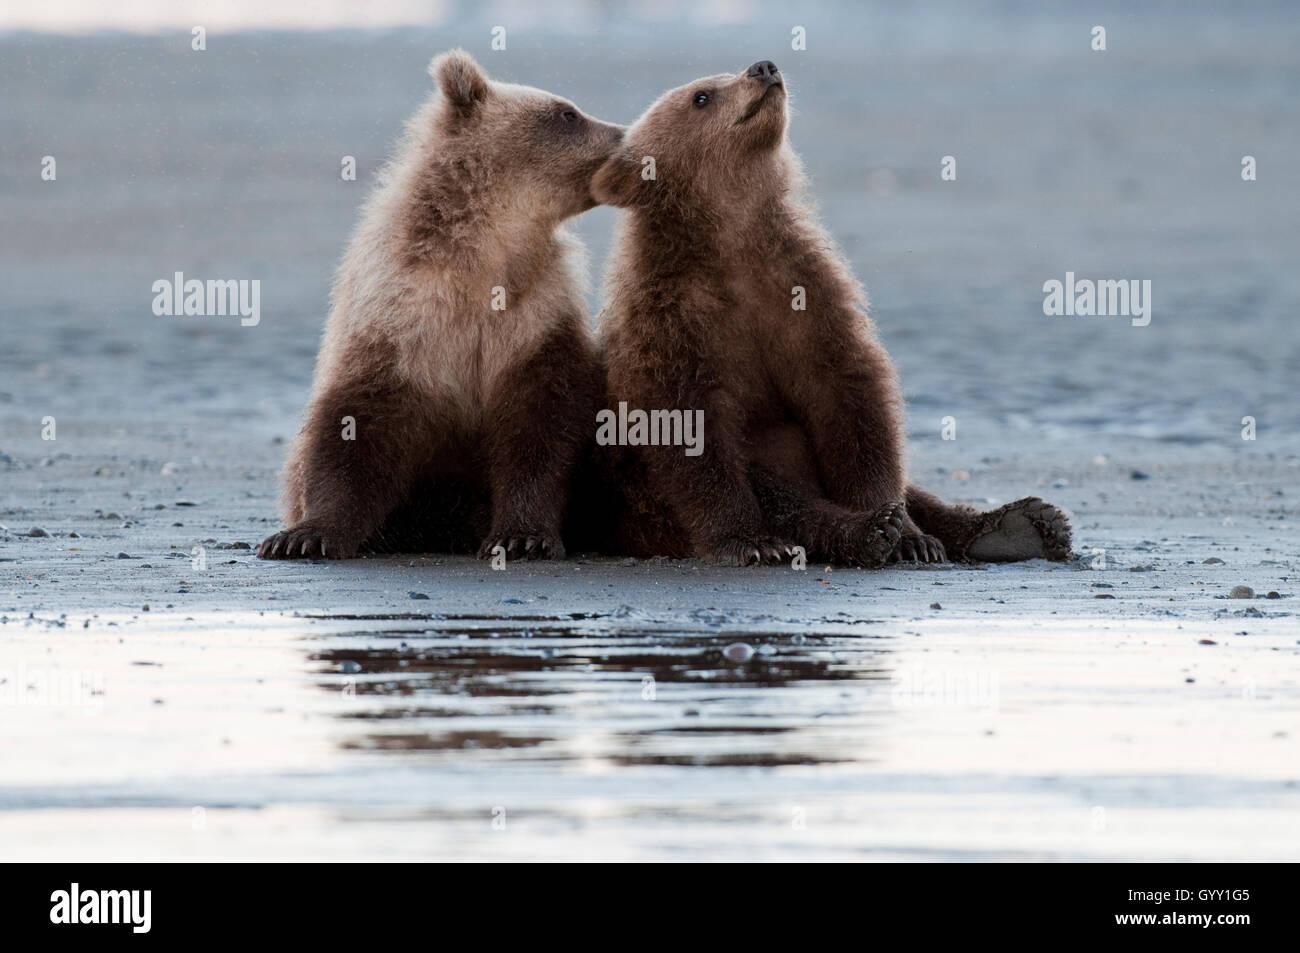 Crías de oso pardo (ursus arctos) en el plano de marea en el parque nacional lake Clark, Alaska Imagen De Stock